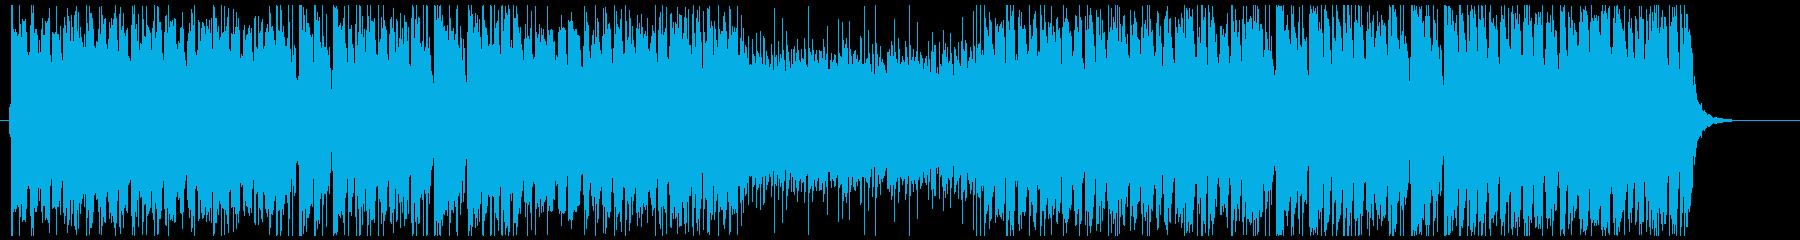 ケルト/アイリッシュ系フォークメタル1分の再生済みの波形